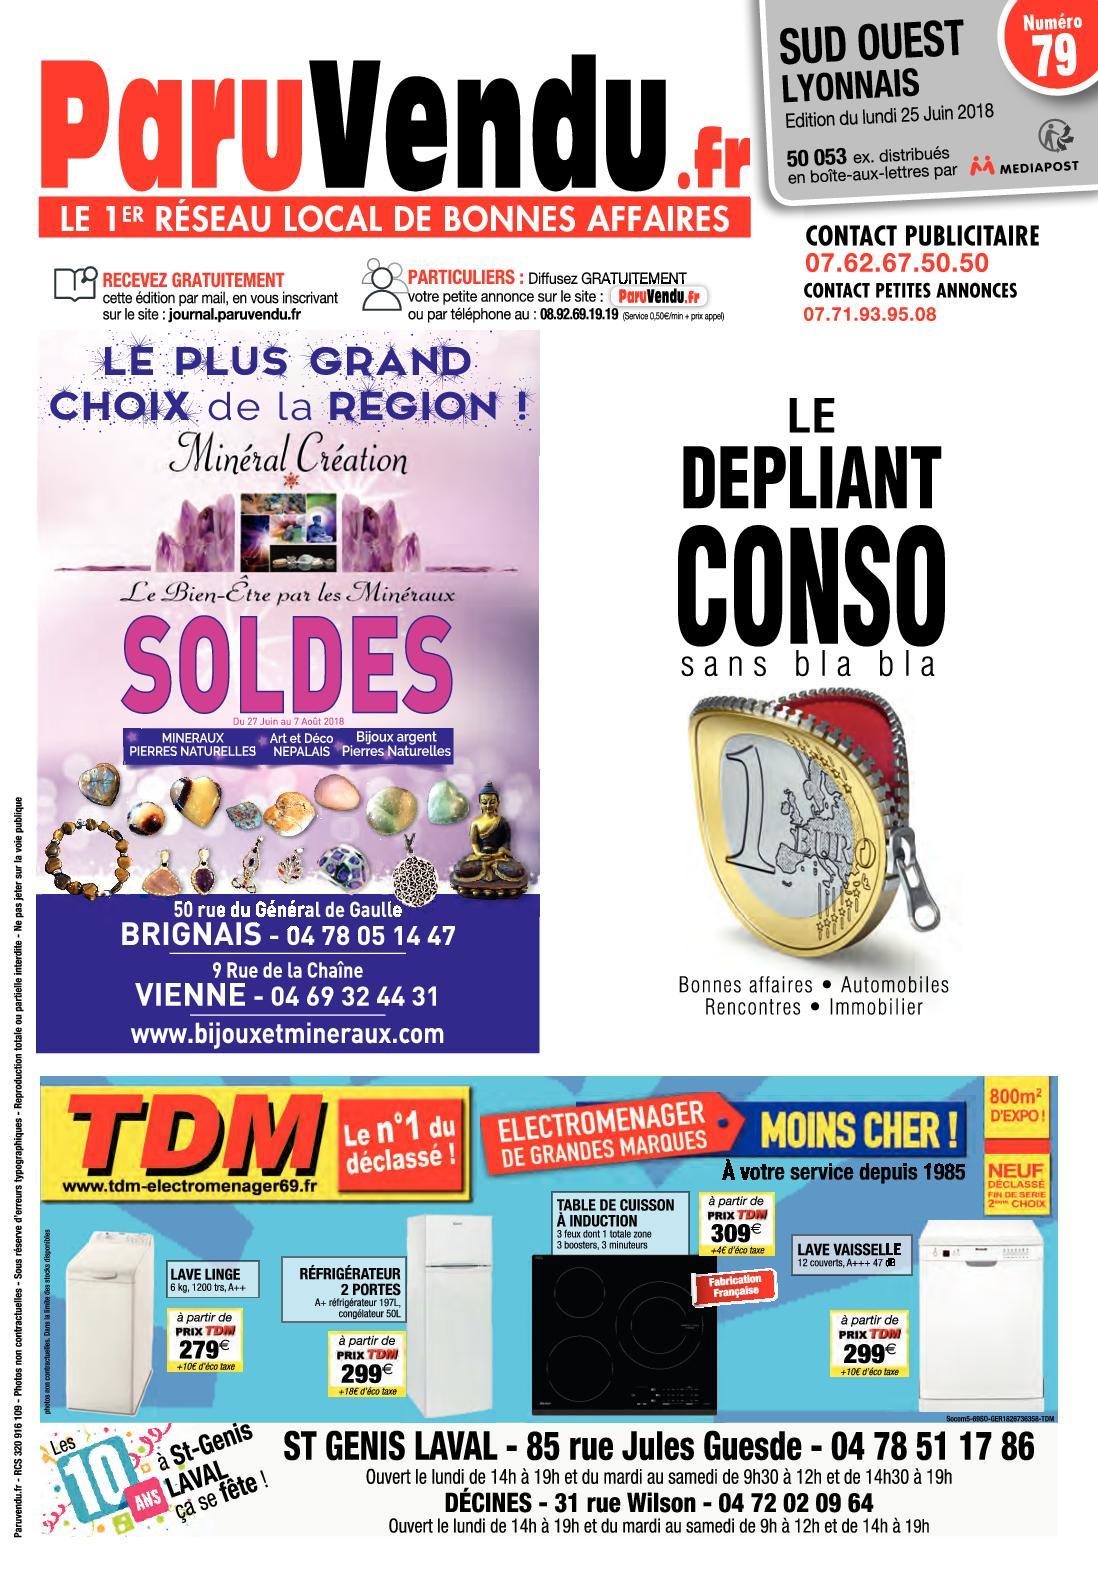 Rencontre sérieuse dans le Pays-De-La-Loire